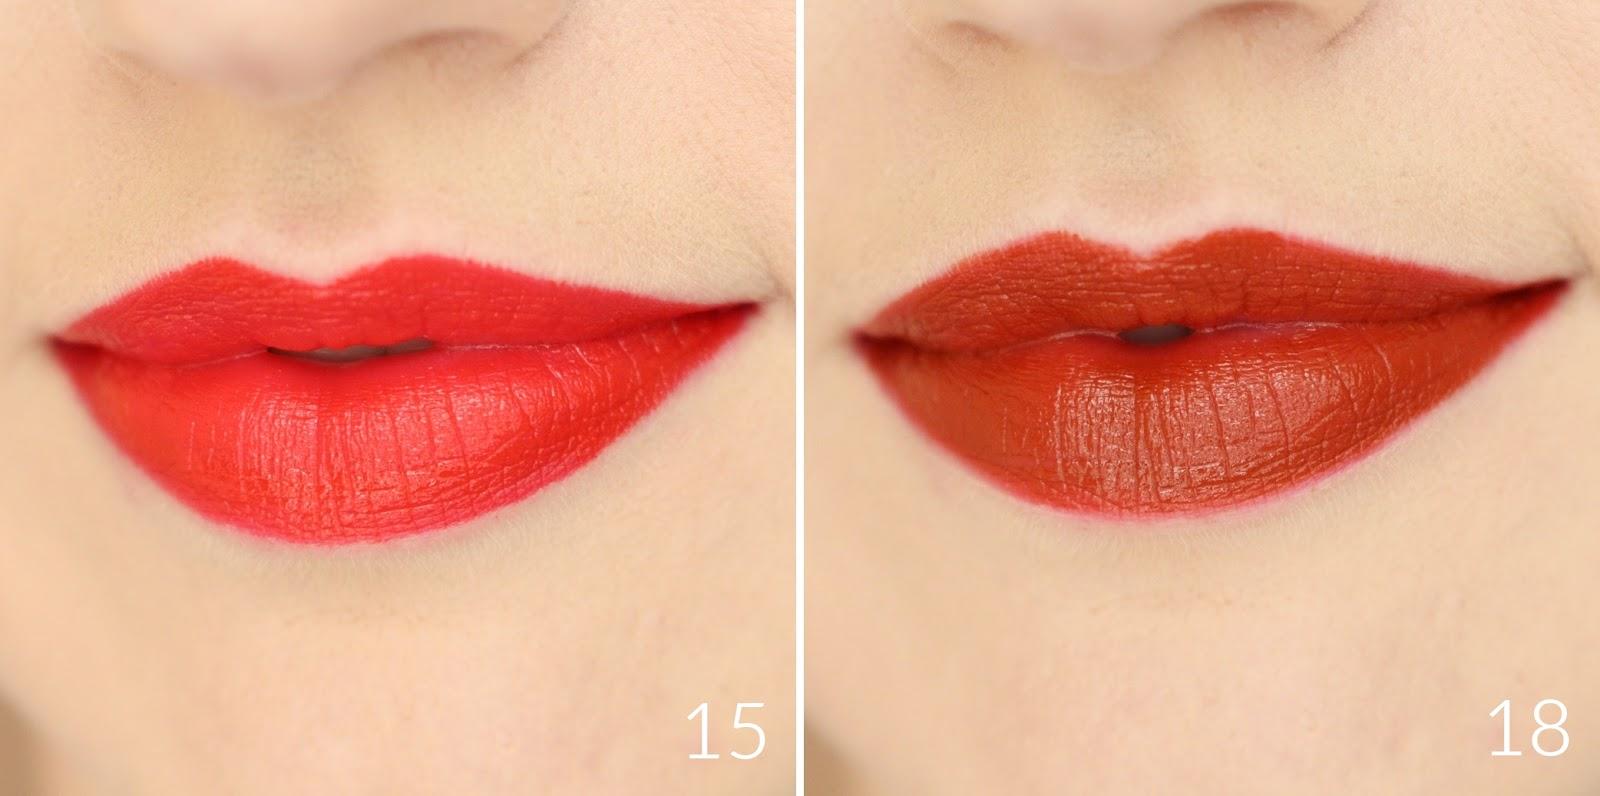 smart-lips-15-18